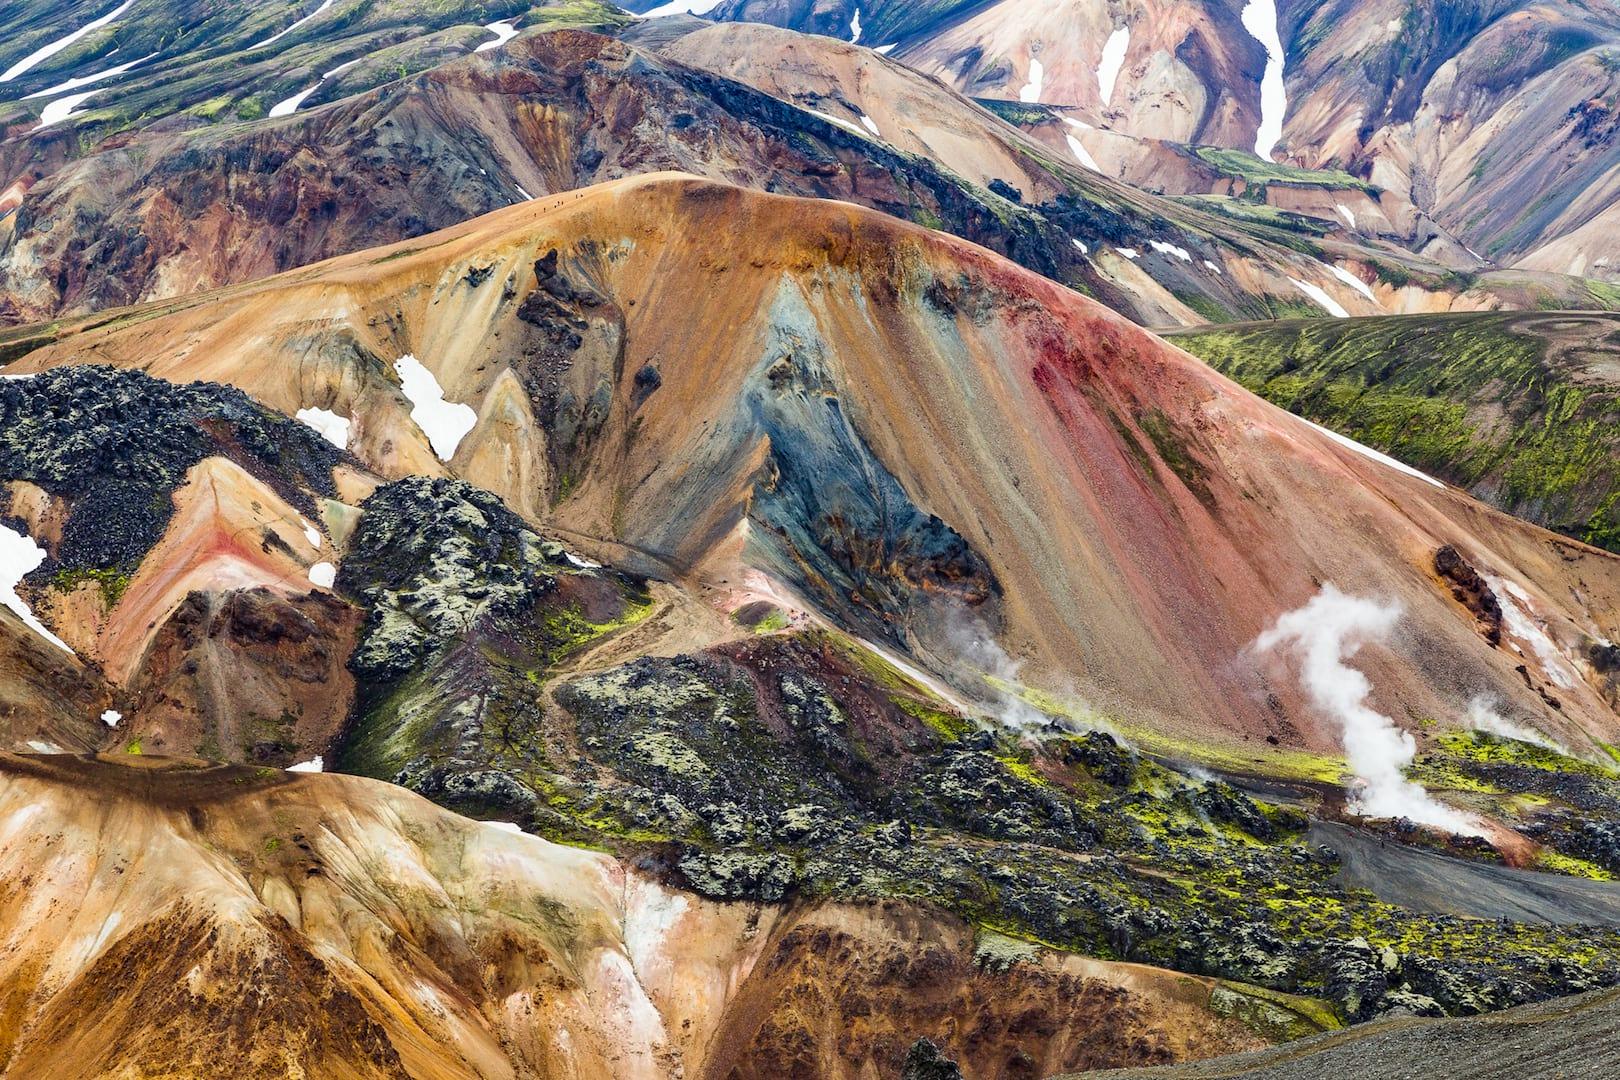 Colorful mountains in Landmannalaugar Iceland